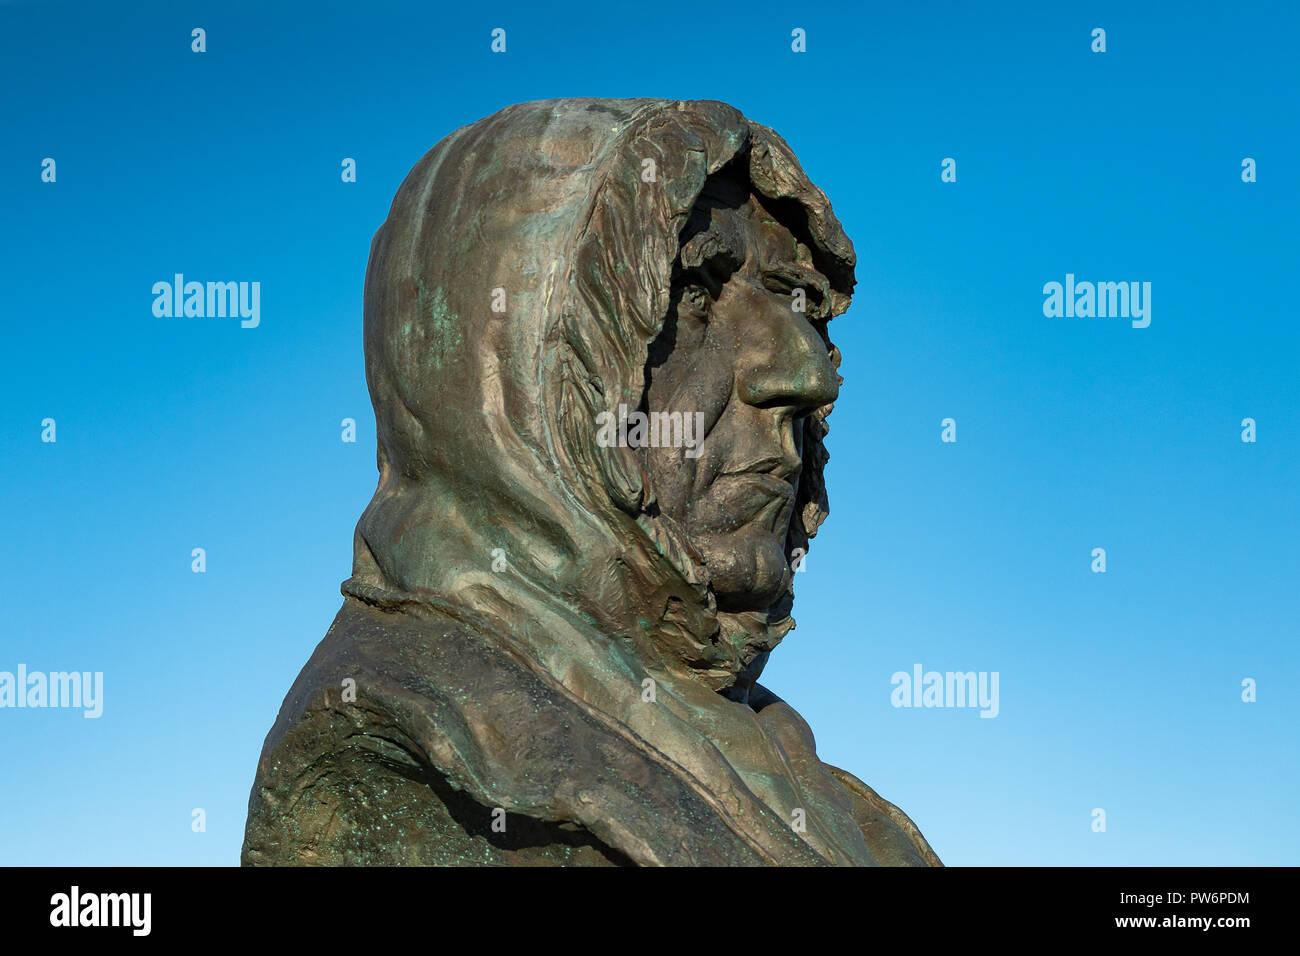 Busto del explorador polar noruego Roald Amundsen, de Ny-Ålesund, la isla de Spitsbergen, el archipiélago de Svalbard Imagen De Stock